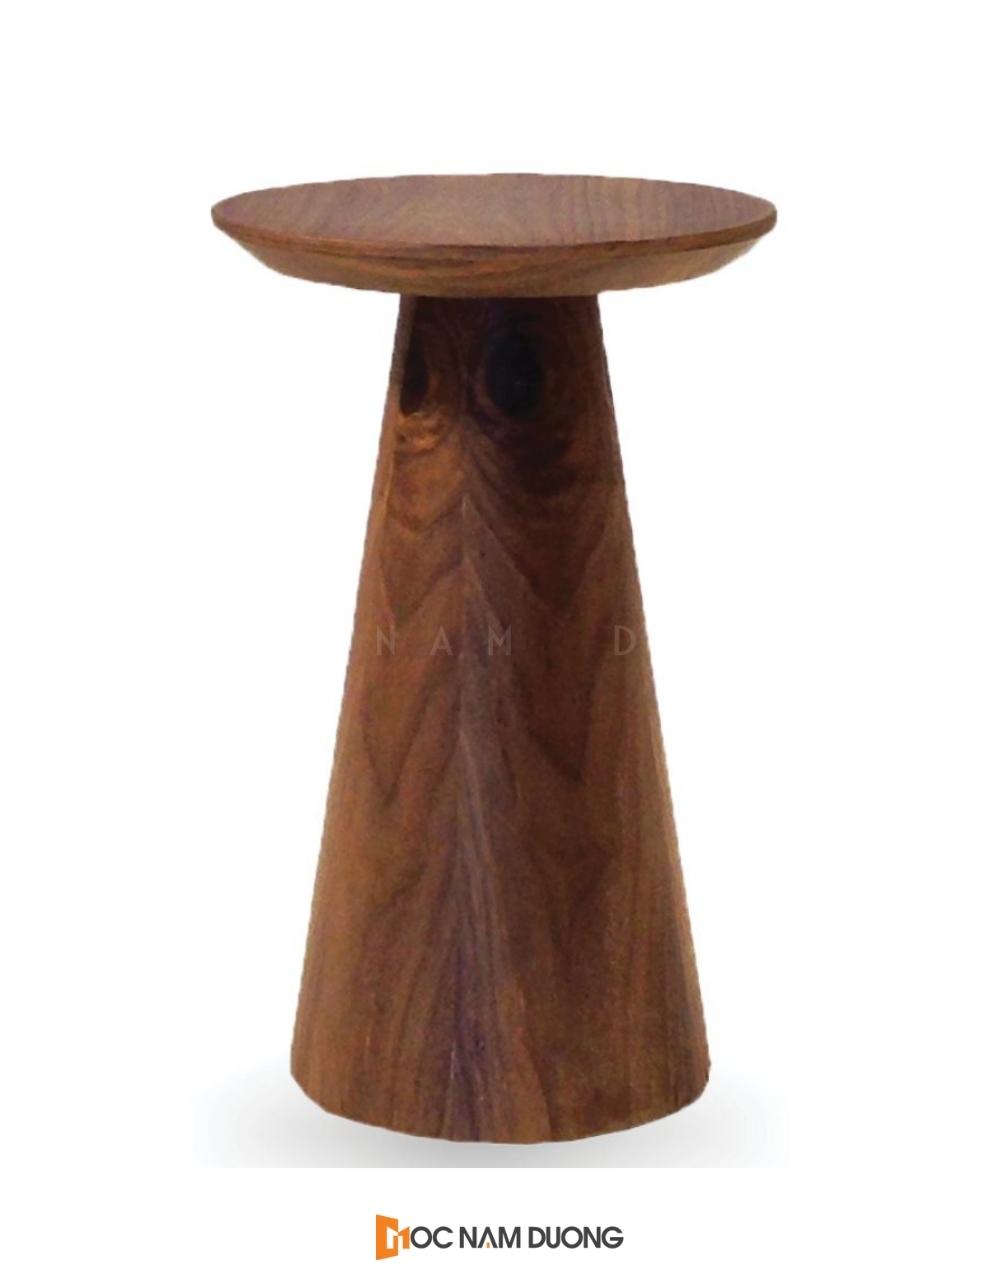 Mẫu 6: Đôn gỗ phá cách với trụ tròn thuôn dài kết hợp mặt tròn nhỏ nhắn